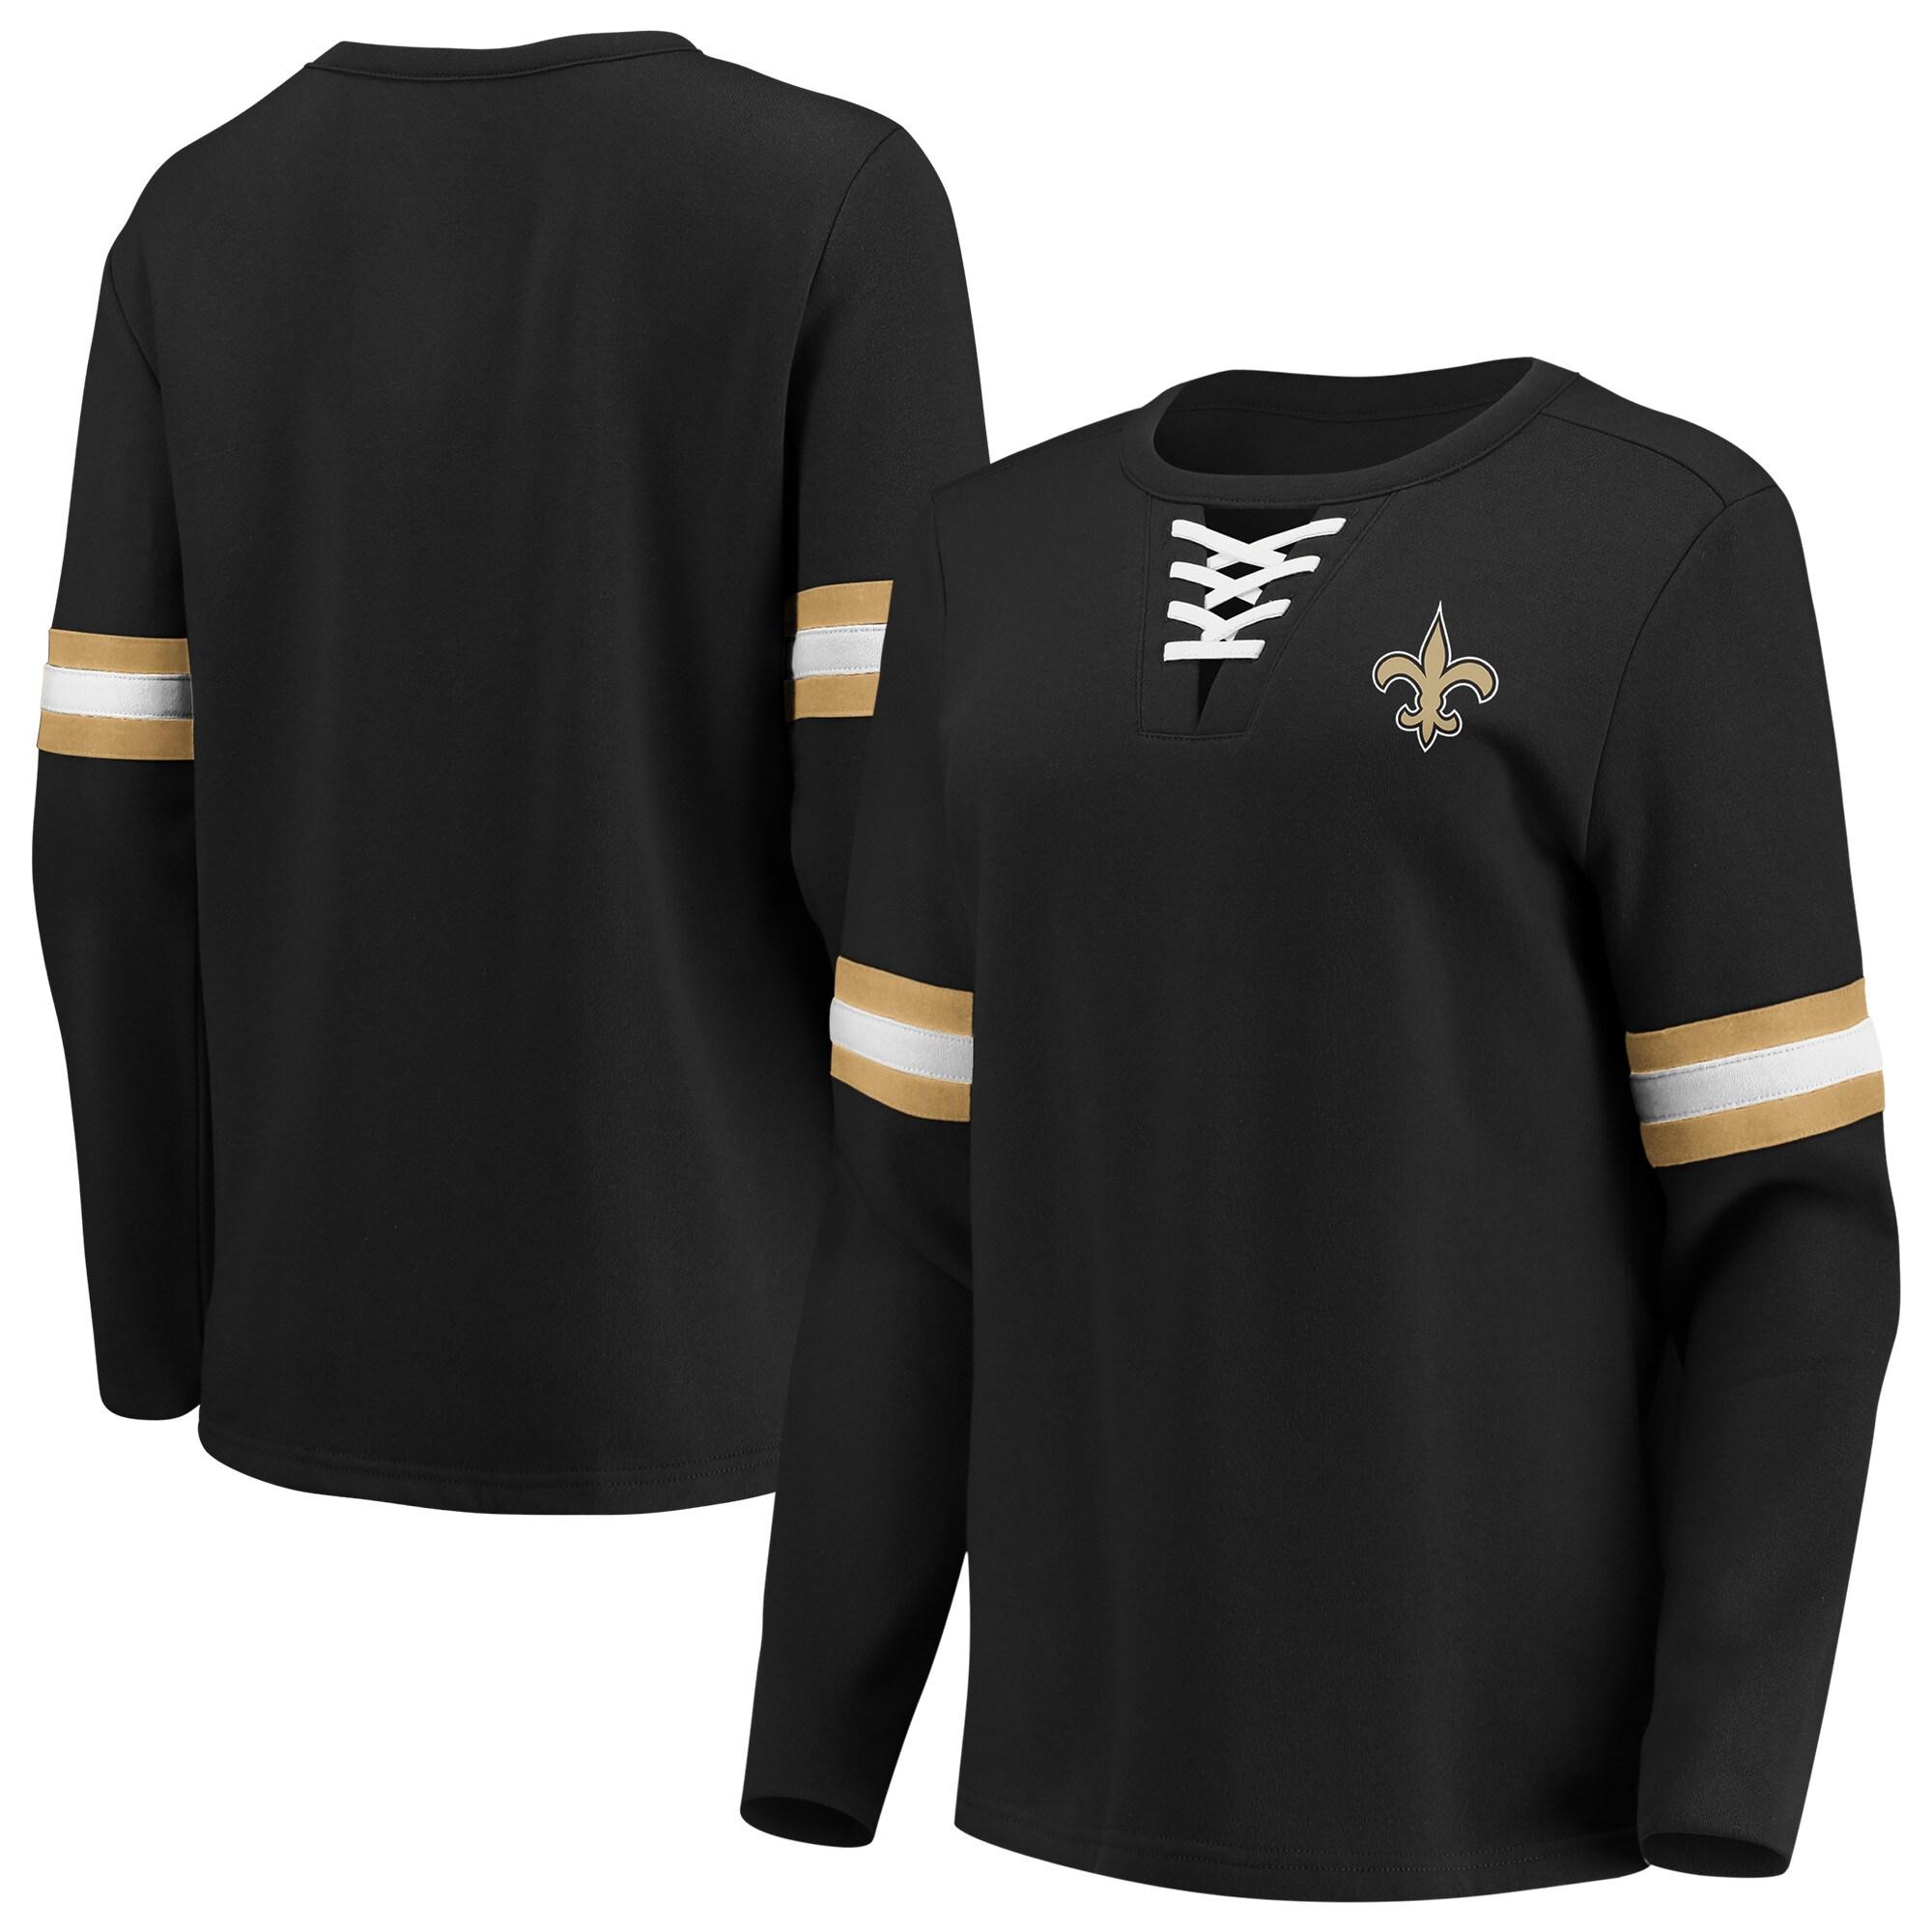 New Orleans Saints Fanatics Branded Women's Lead Draft Lace-Up Pullover Fleece Sweatshirt - Black